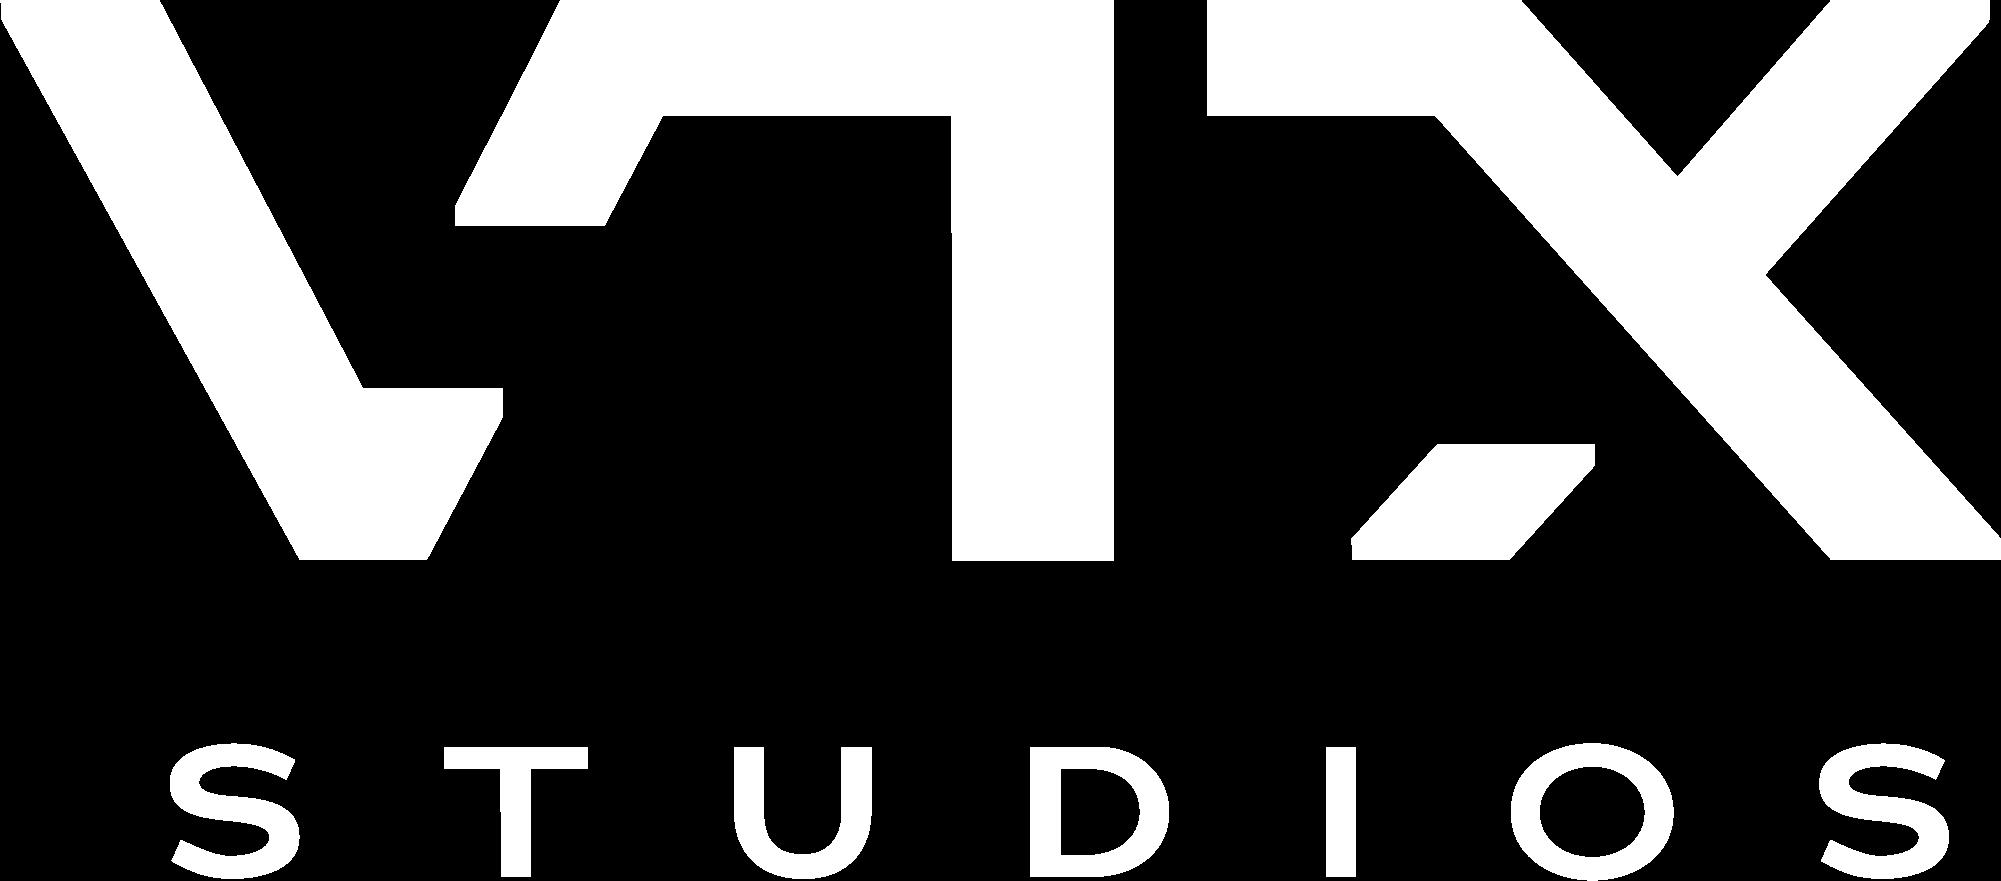 Virtex Studios